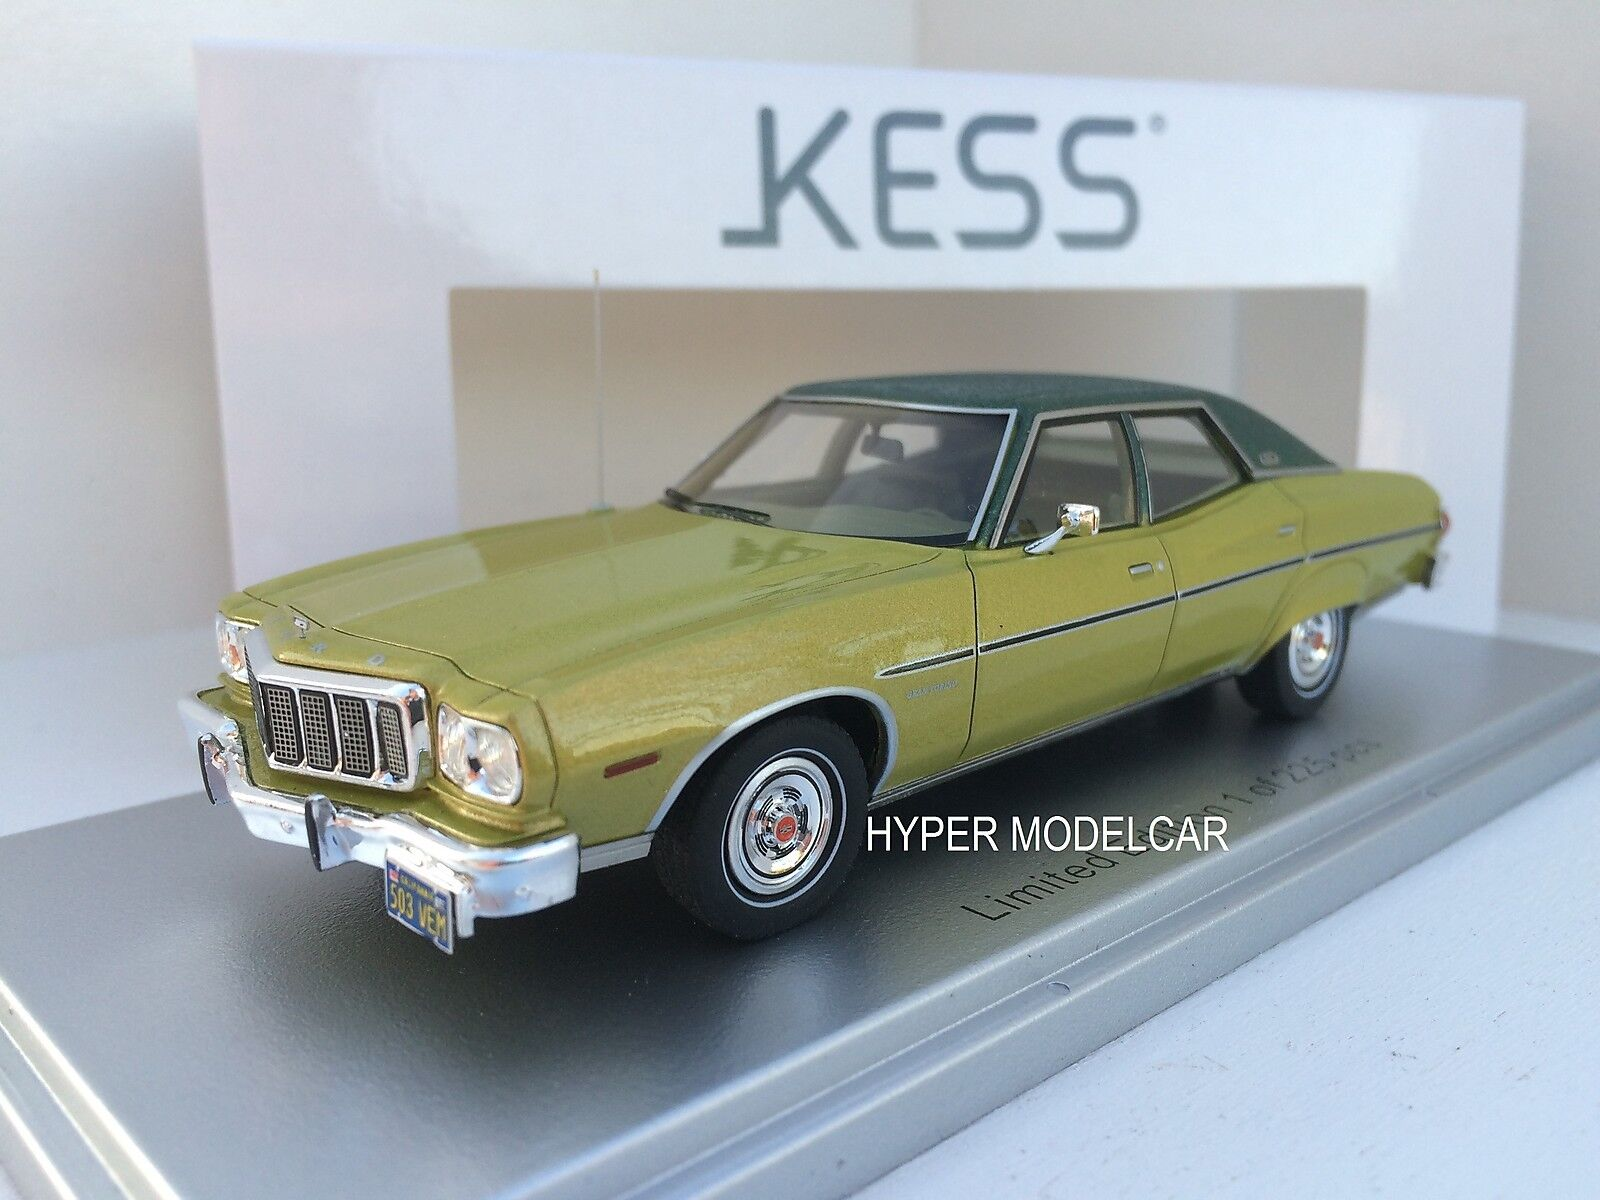 KESS MODEL 1 43 43 43 Ford Gran Torino Brougham 4-door 1976 Green Met.  KE43015031 4ff276